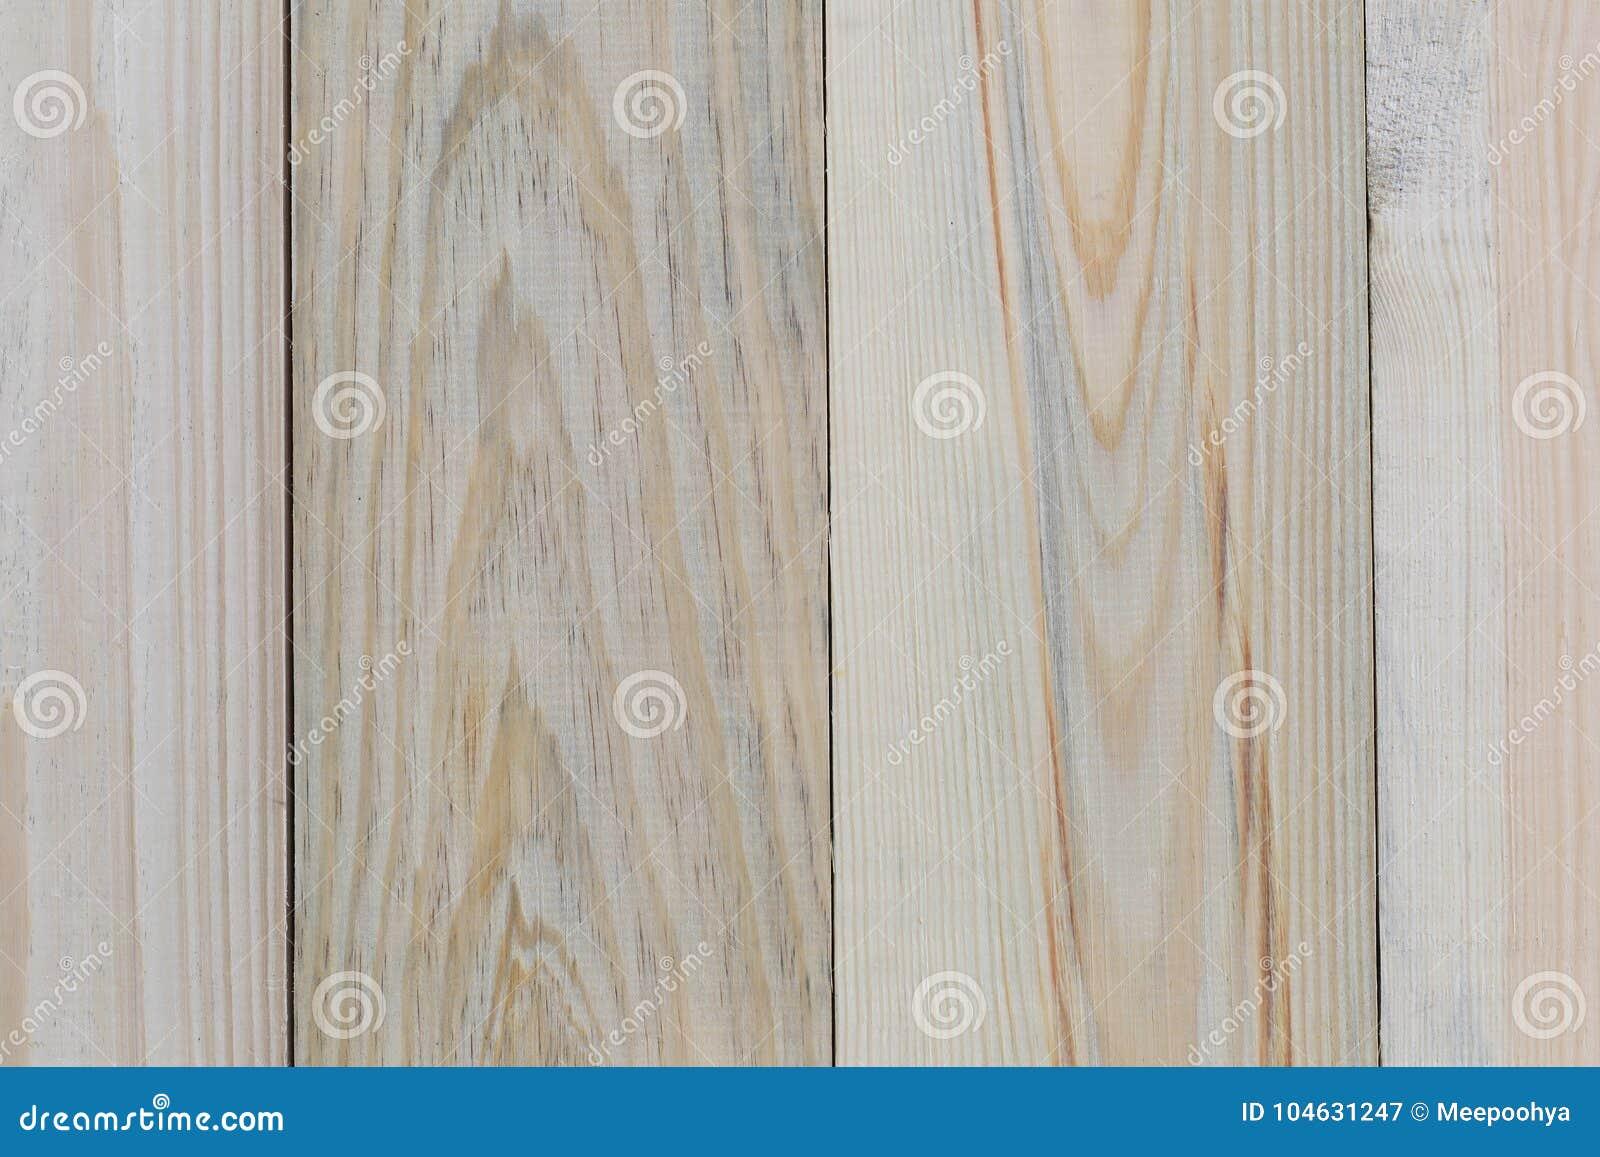 Download Oude Houten Textuur stock afbeelding. Afbeelding bestaande uit decoratief - 104631247